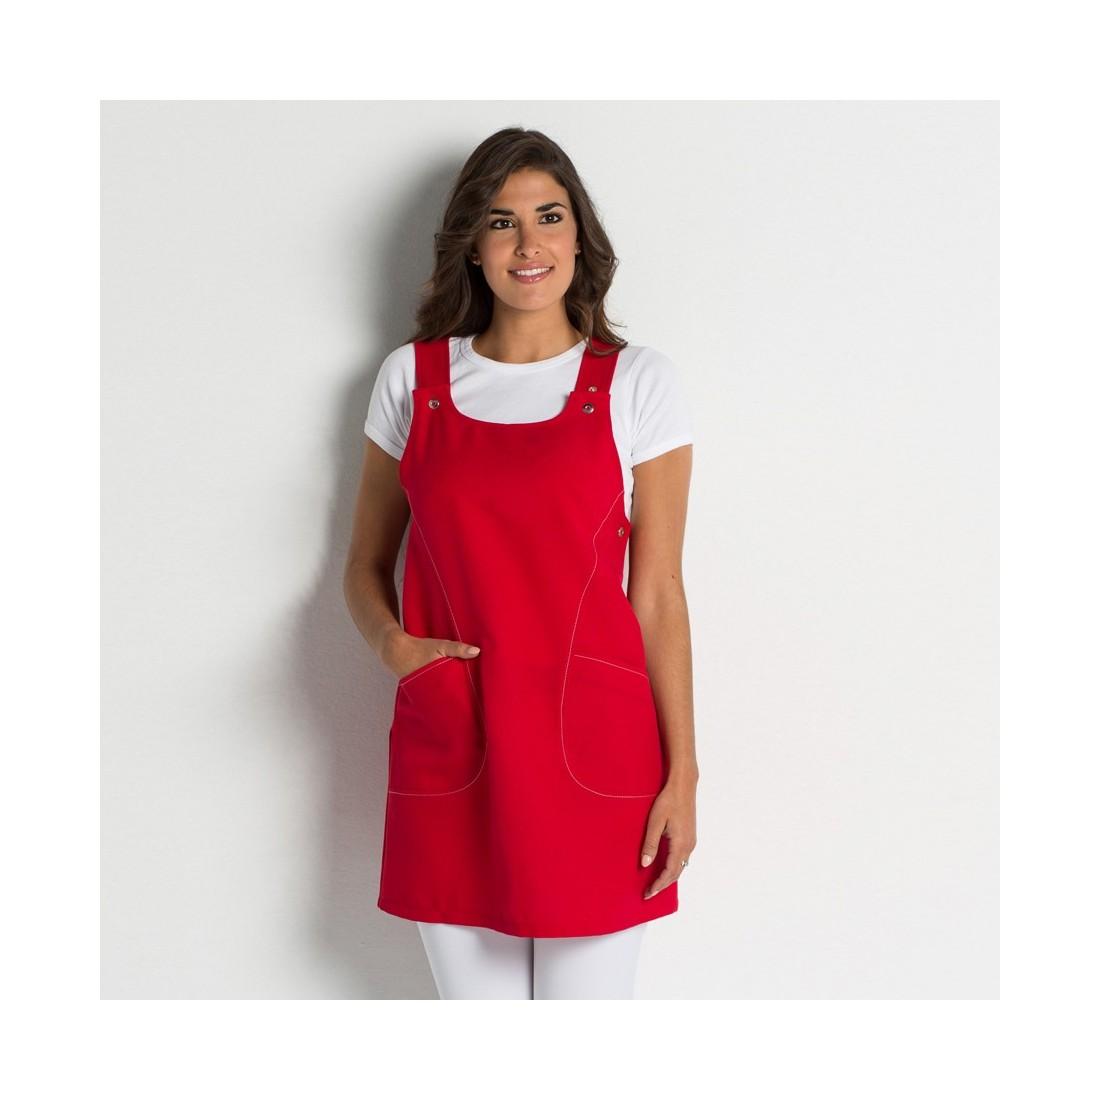 Pichi multiservicios rojo mod.8198-721